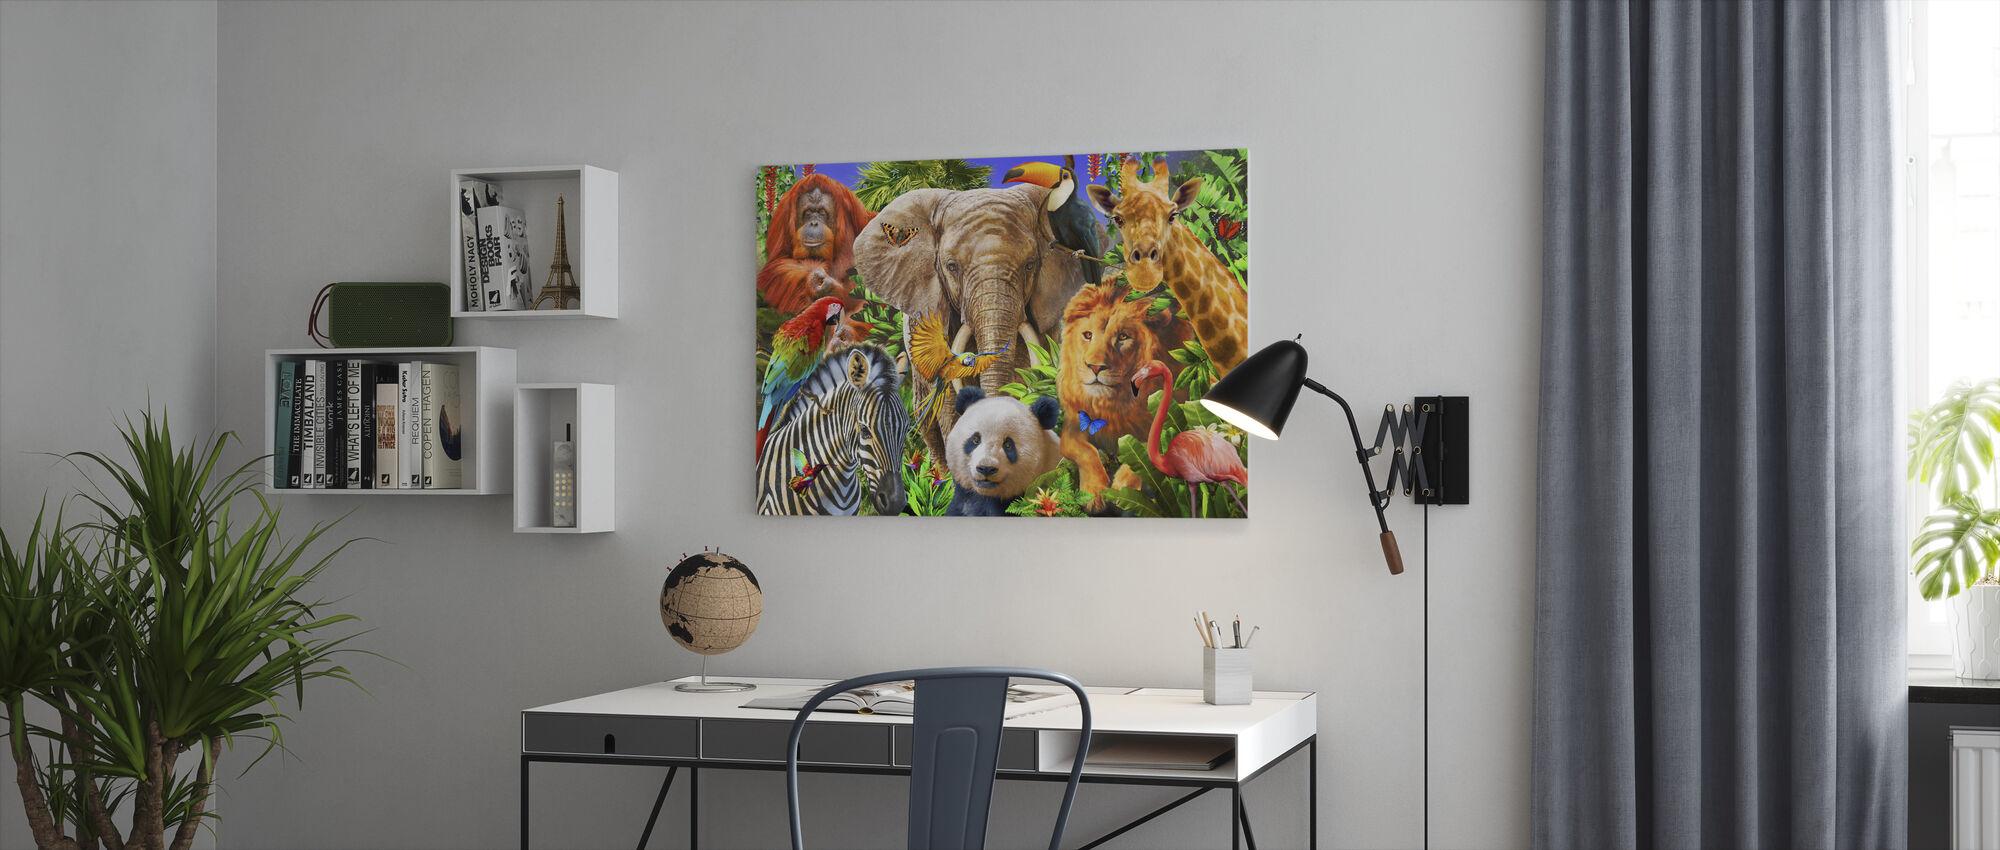 Dyr for barn - Lerretsbilde - Kontor